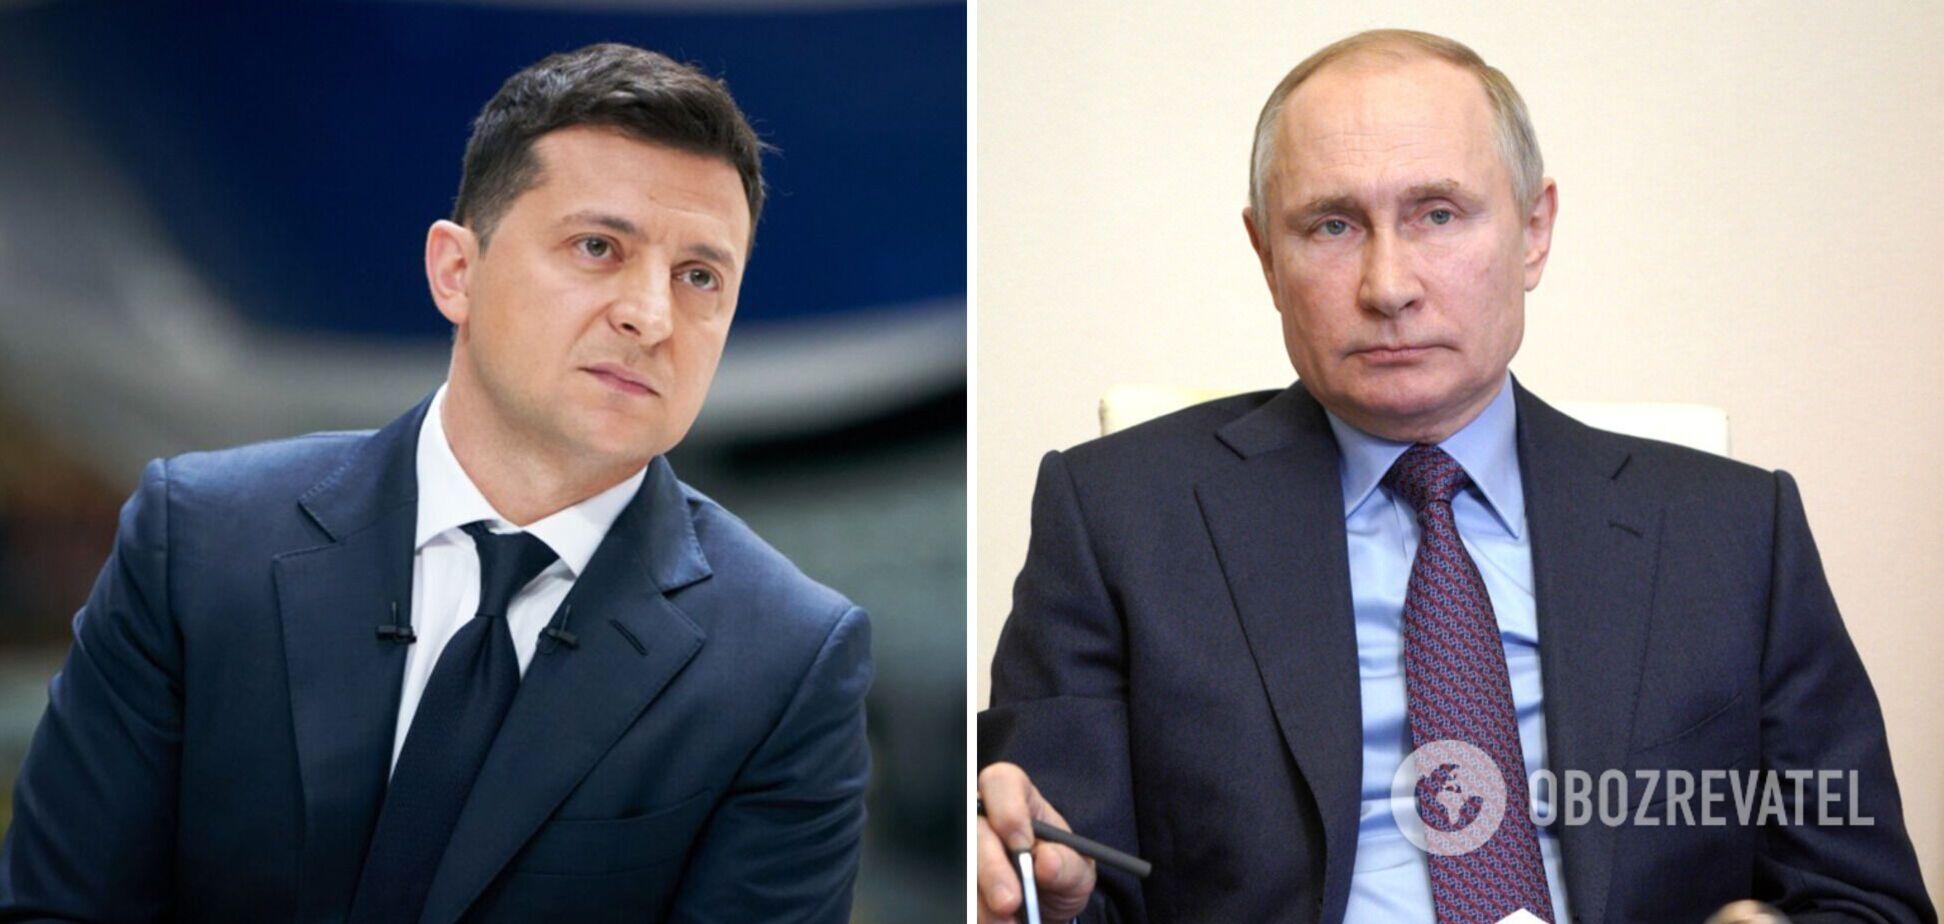 Зеленський – про Путіна-вбивцю: через це питання 100 людей можуть загинути на Донбасі. Відео